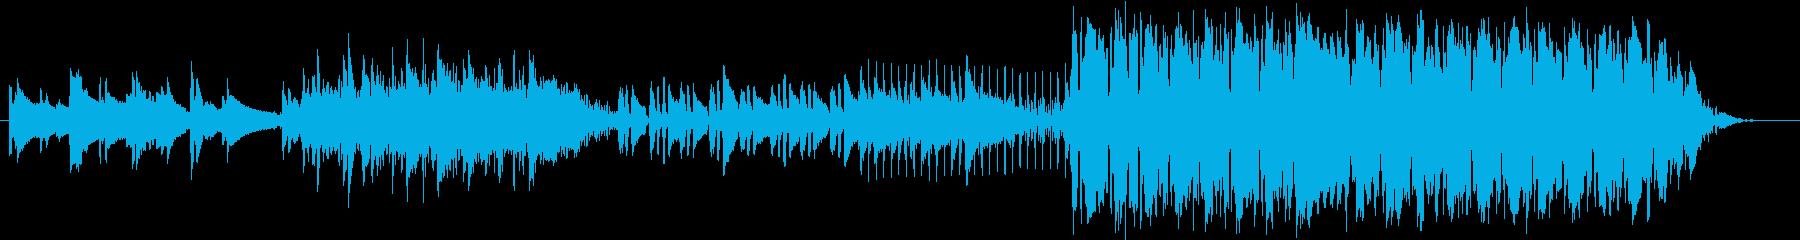 ラテンジャズ系クラブ 静か〜リズミカルへの再生済みの波形